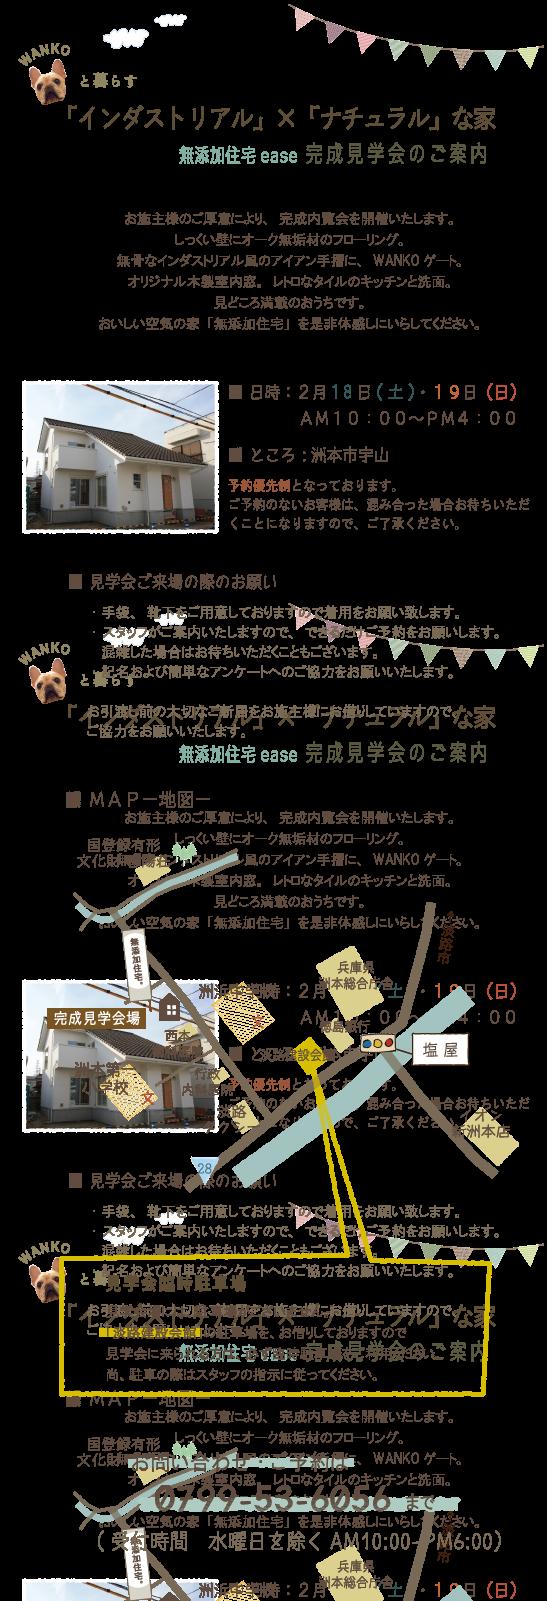 WANKOと暮らす「インダストリアル」×「ナチュラル」な家 完成見学会のご案内